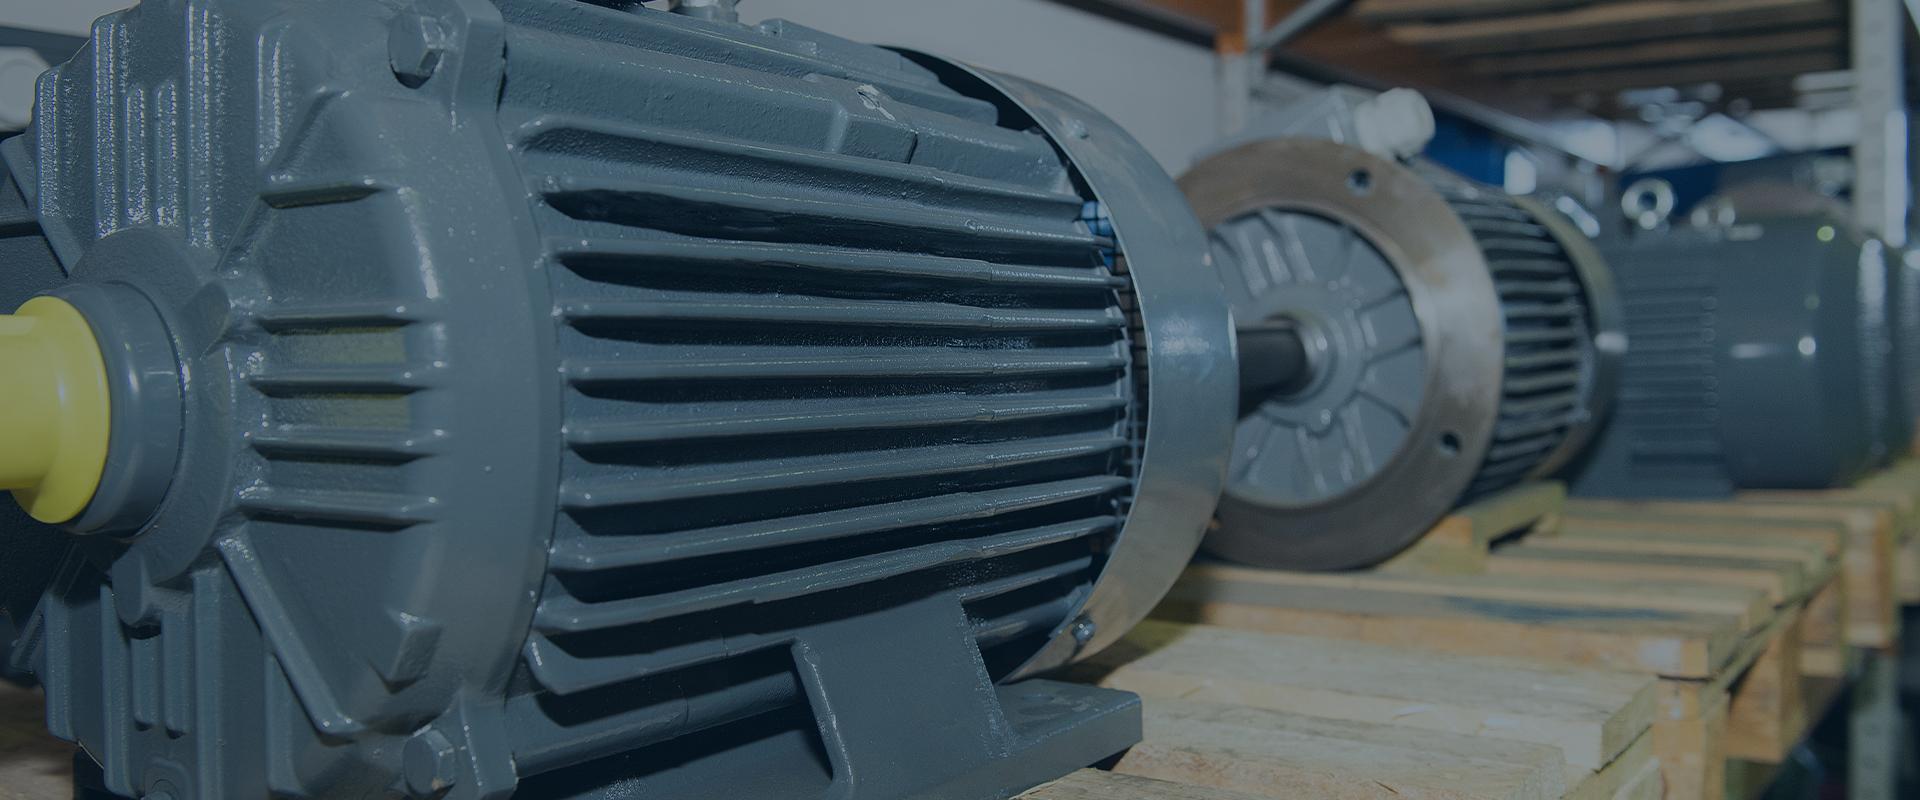 Ried-Antriebstechnik Neumotorenverkauf